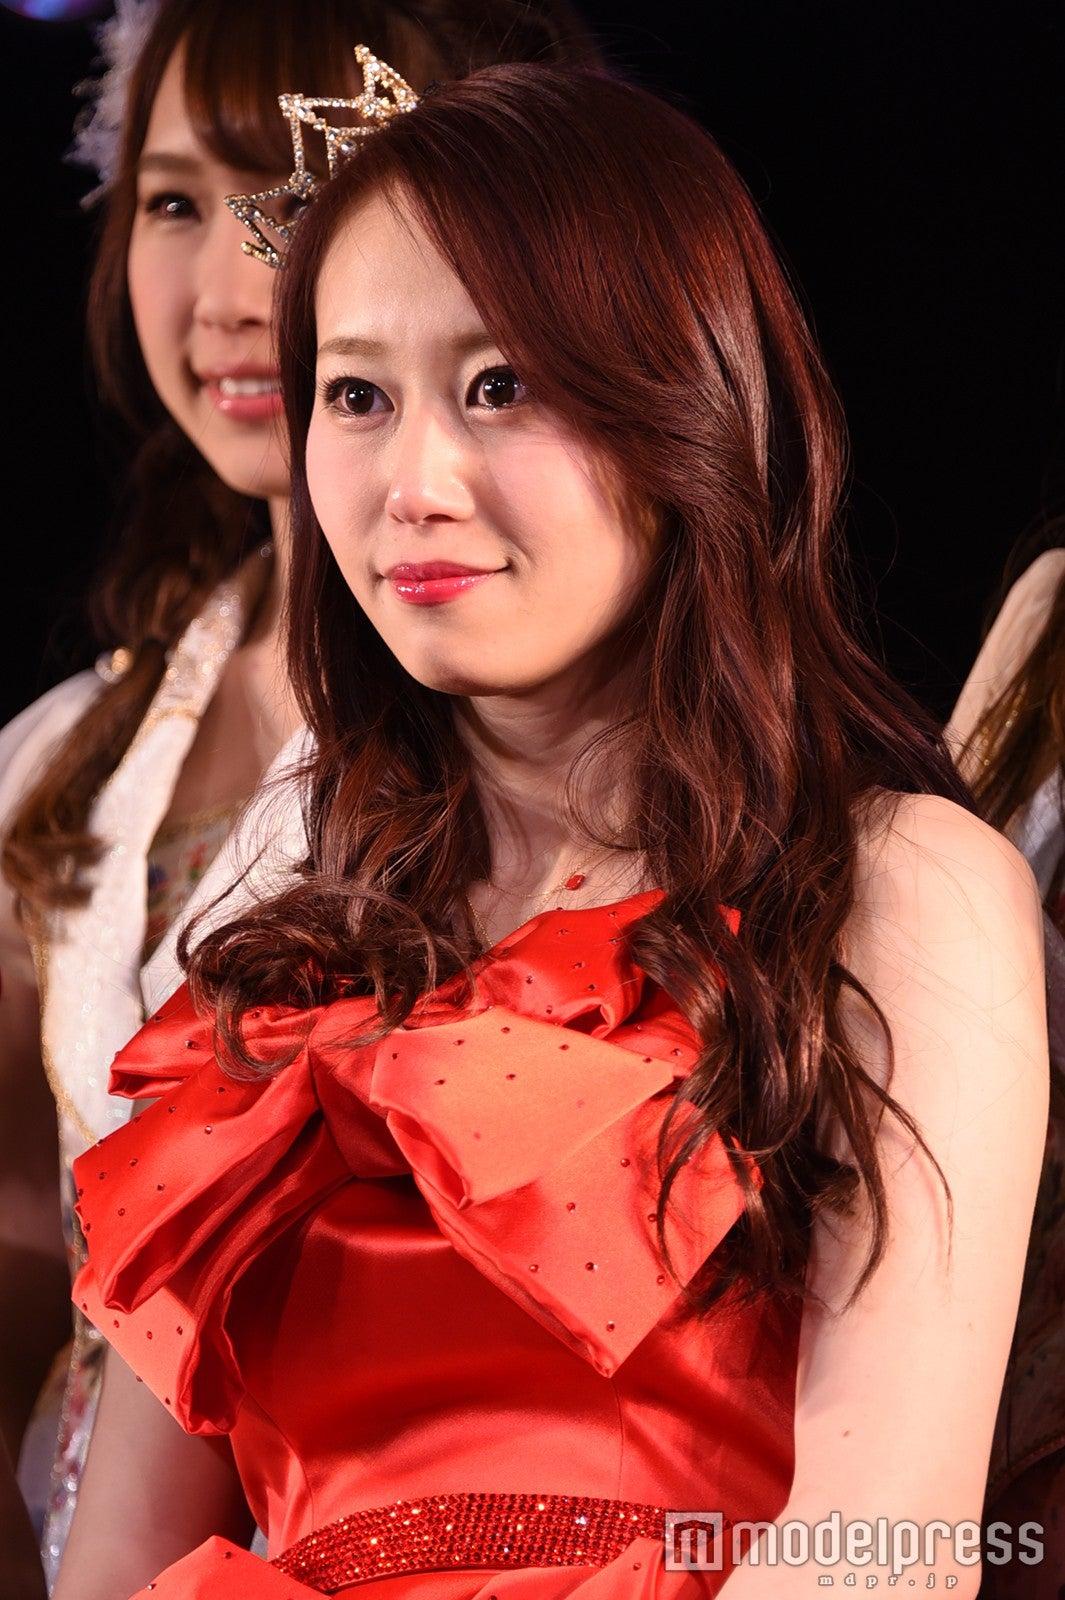 小林香菜 元AKB48小林香菜の整形告白に「大失敗!!」と西野未姫 デリカシーない糞キャラを突き進む新ヒール